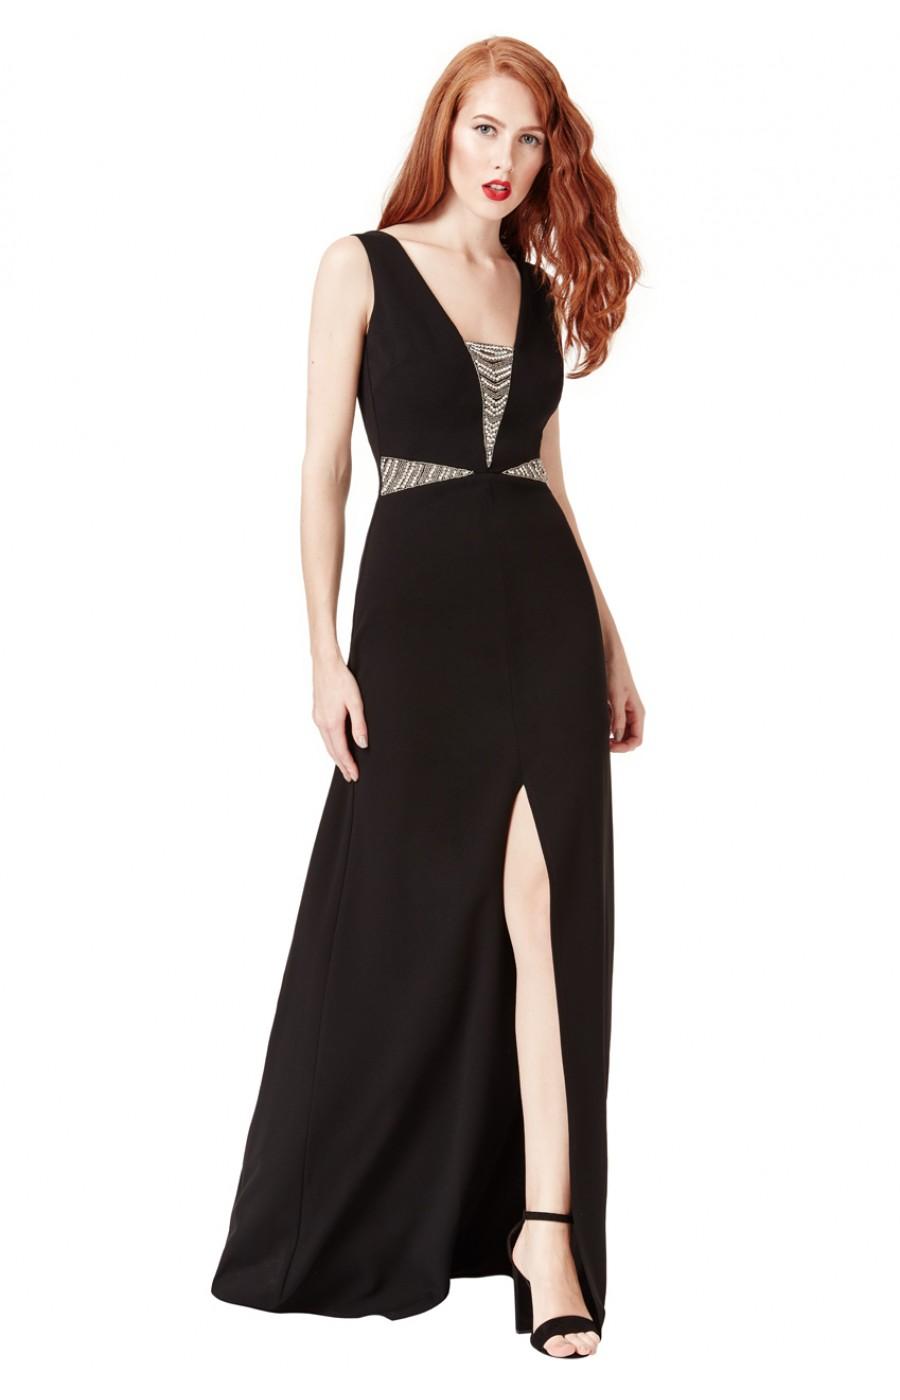 Μακρύ μαυρο επίσημο φόρεμα